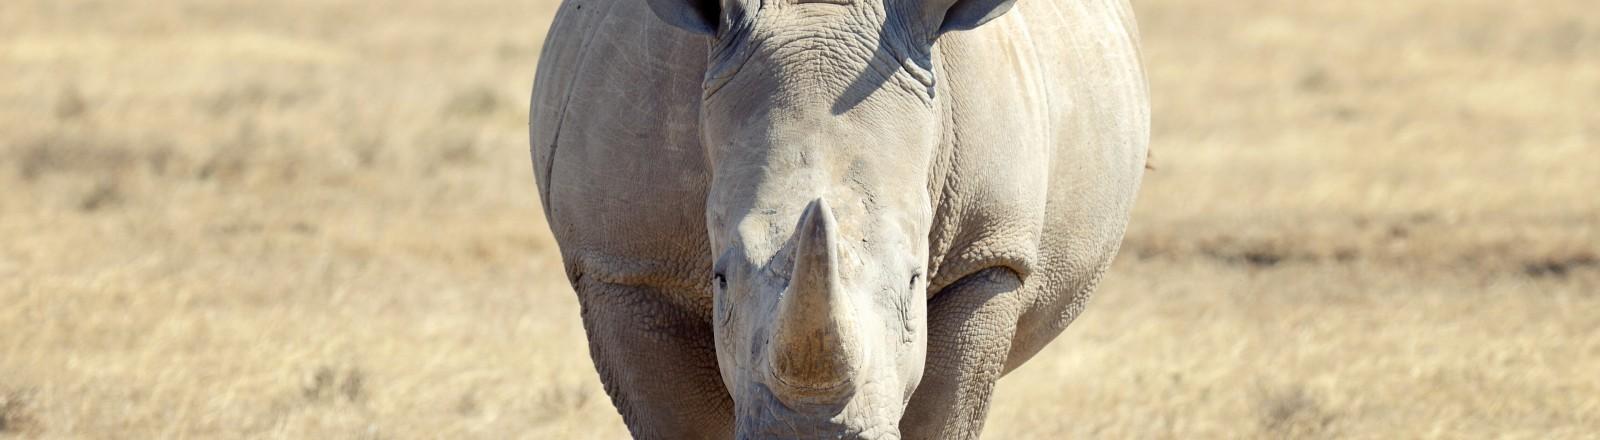 Ein weißes Nashorn in Kenia